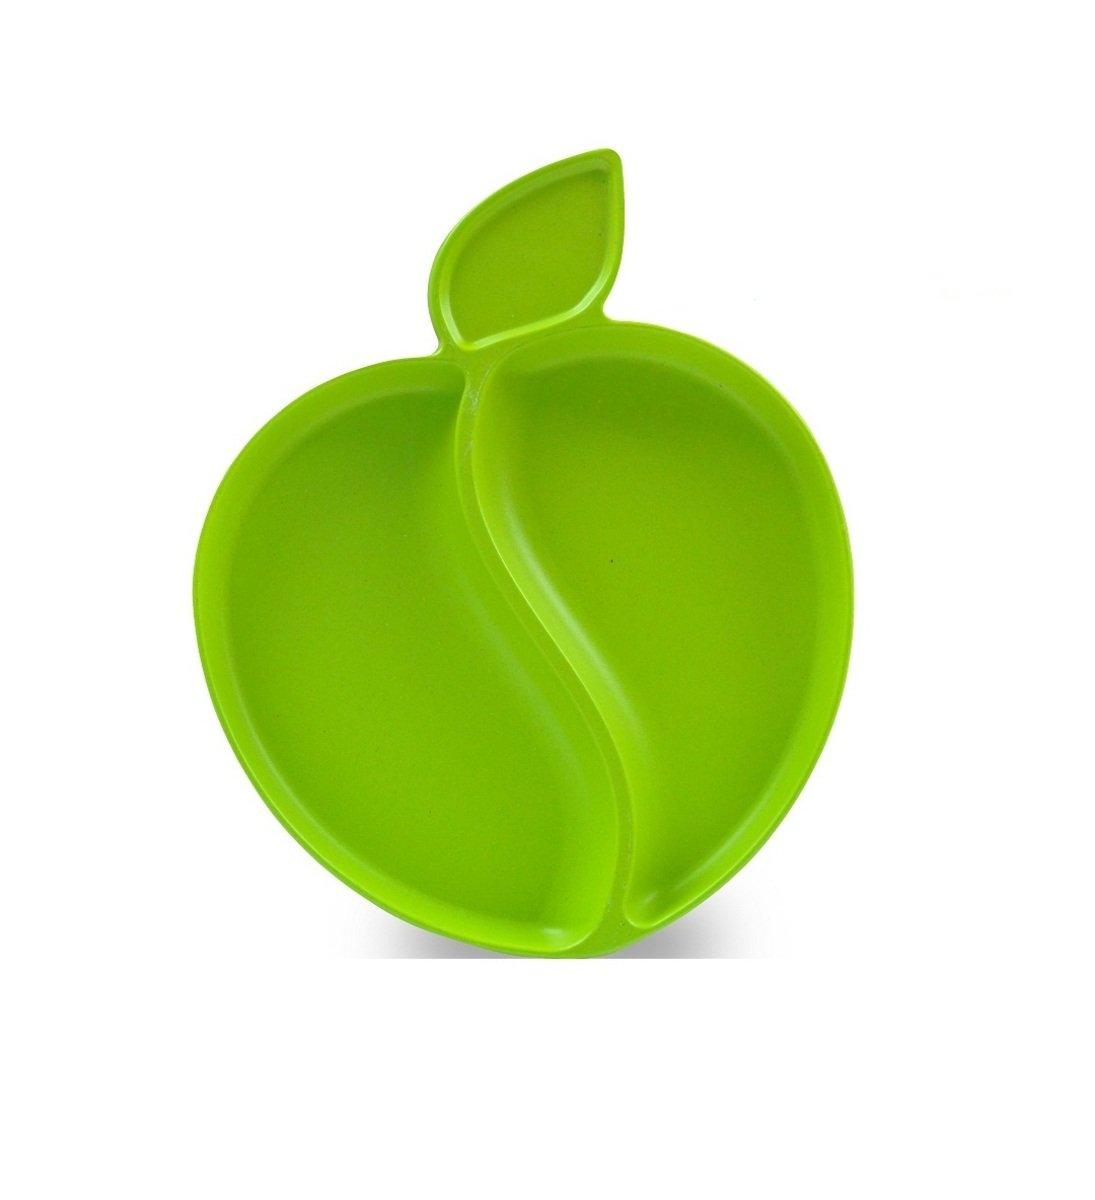 竹纖維蘋果碟-粉綠